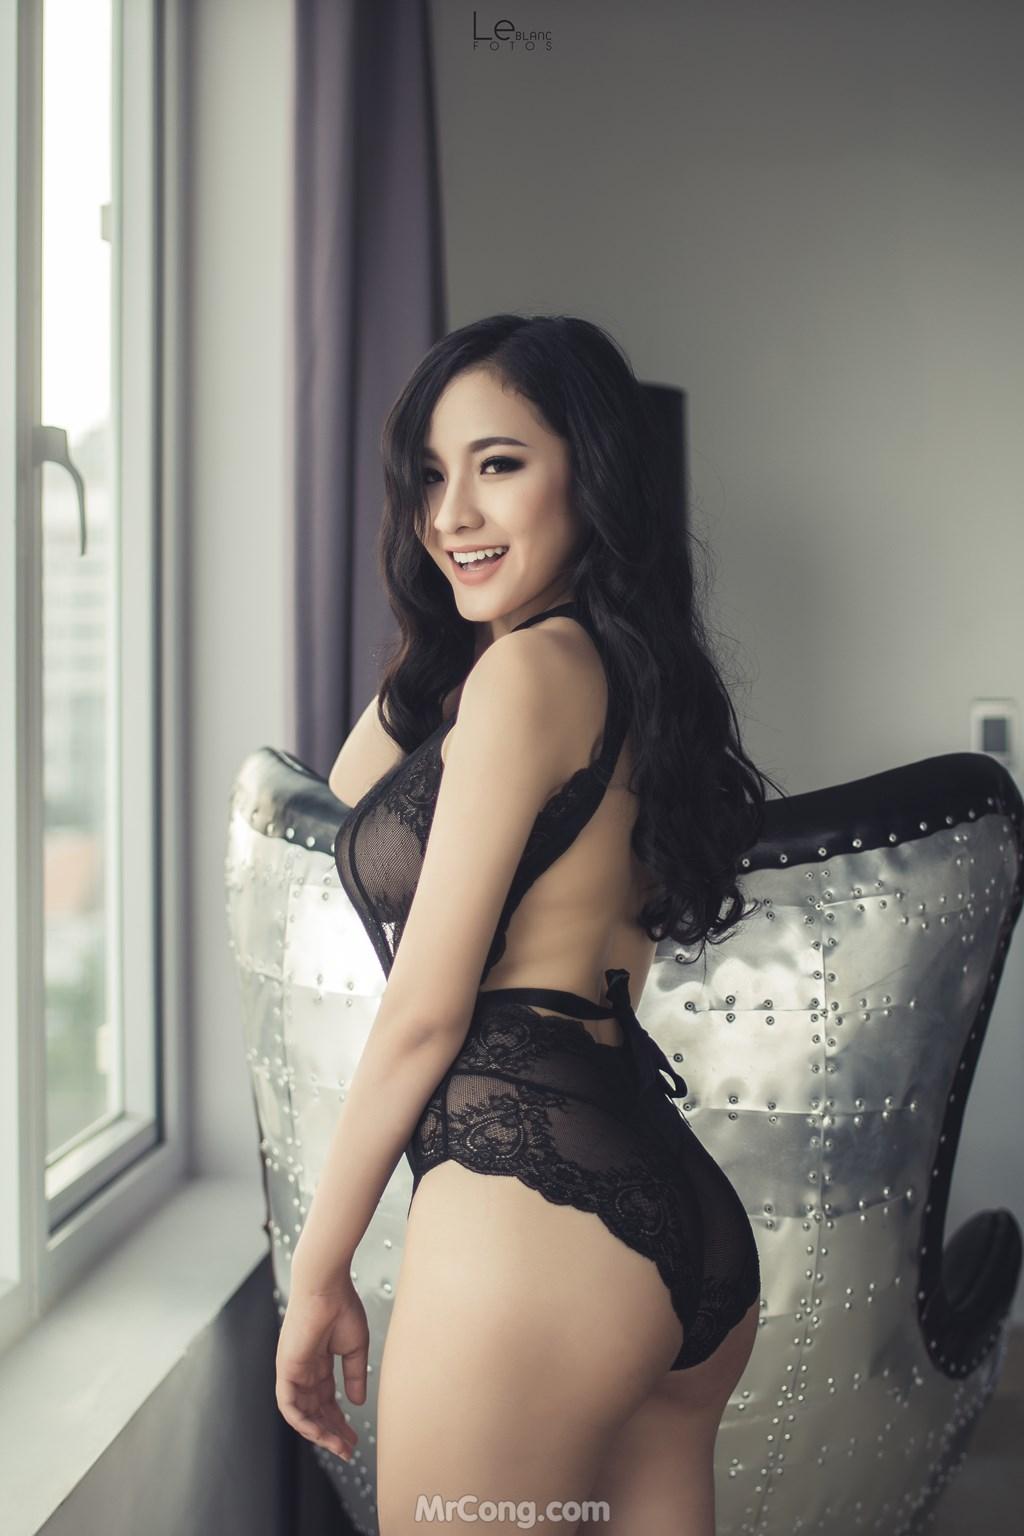 Image Sexy-Vietnamese-Models-by-Le-Blanc-Studio-Phan-3-MrCong.com-004 in post Những bức ảnh nội y, bikini siêu nóng bỏng của Le Blanc Studio – Phần 3 (446 ảnh)